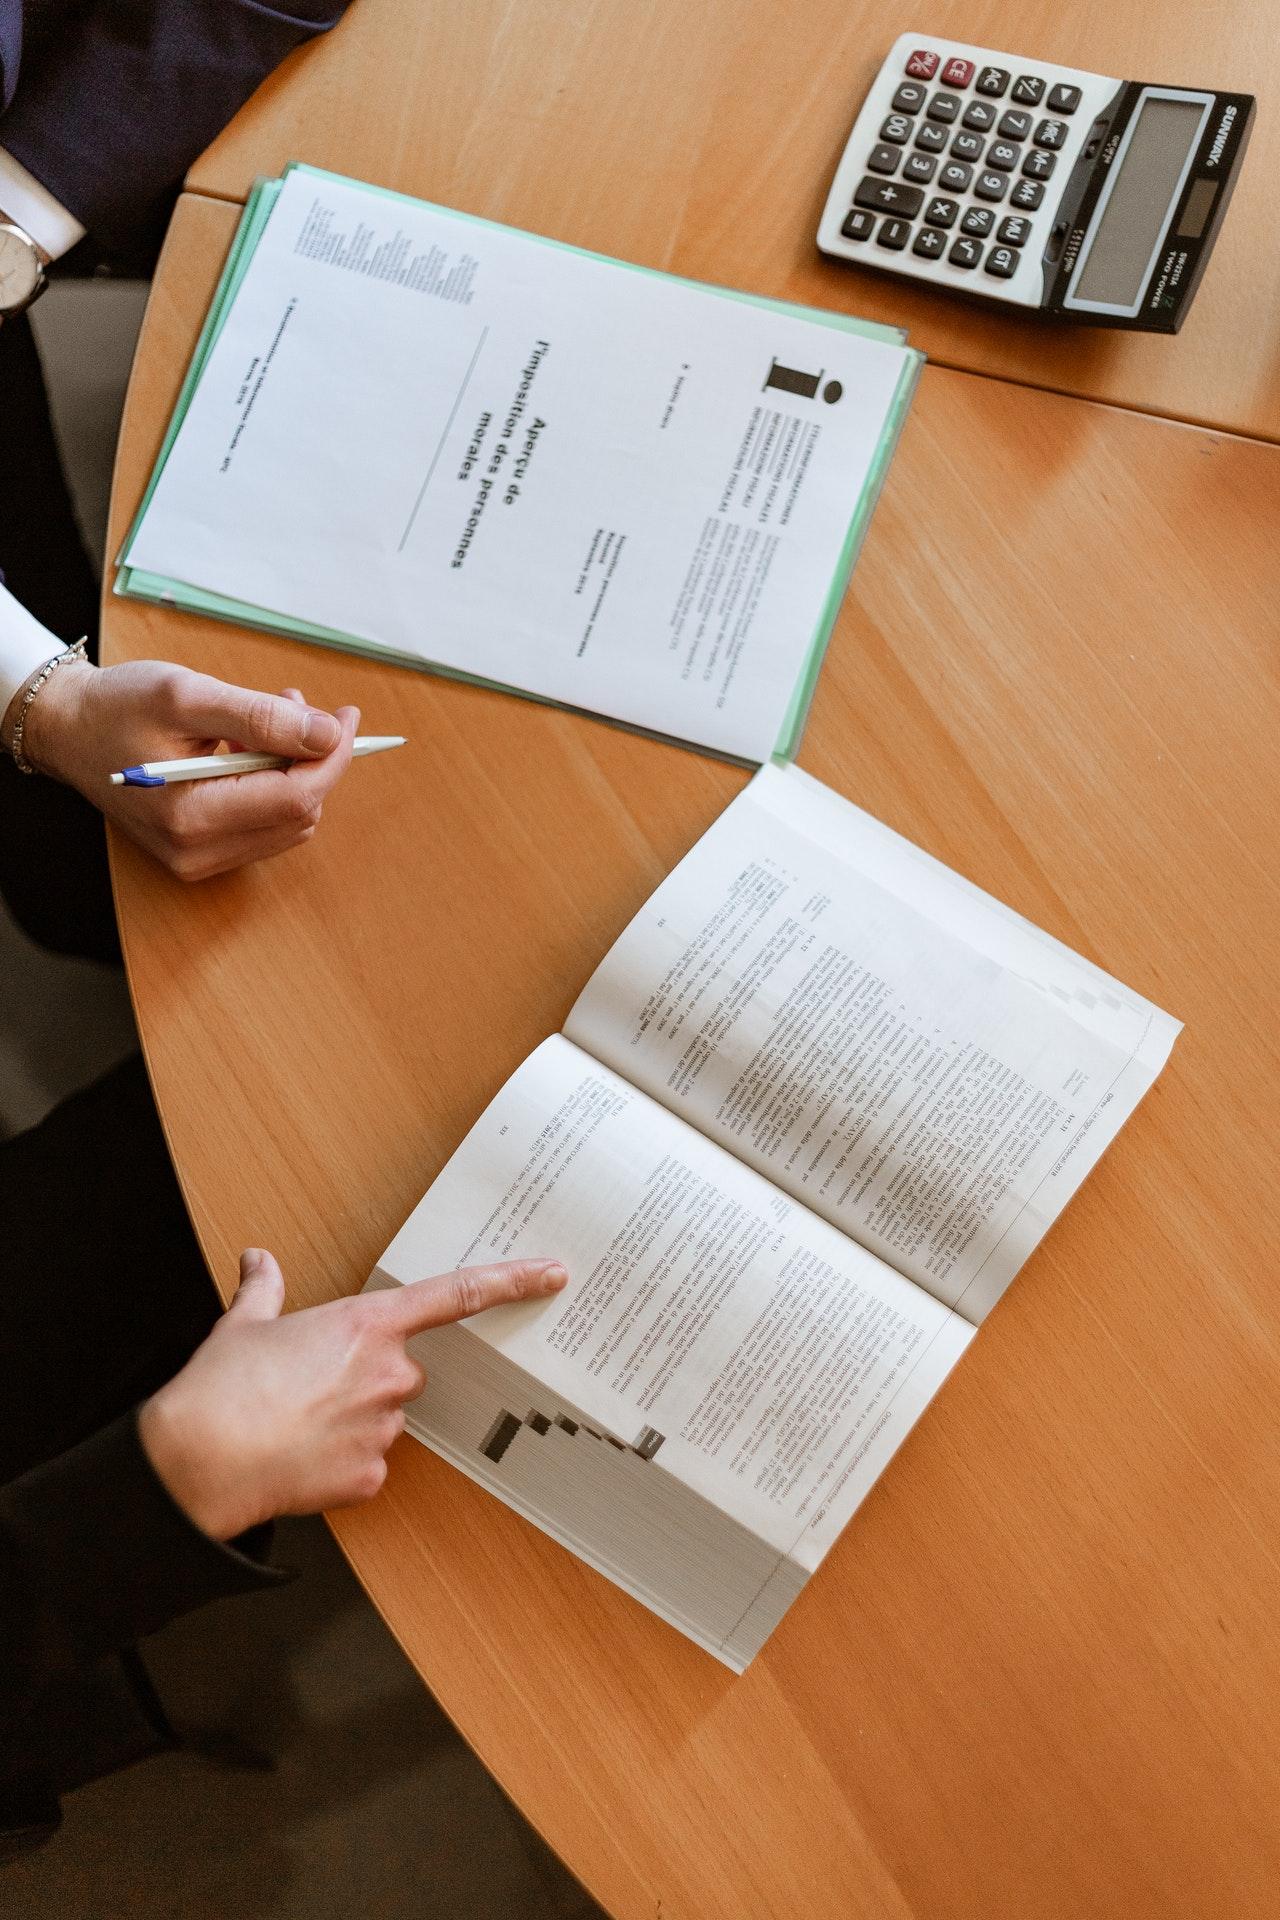 8月报税截止日期 8月报税期是什么时候